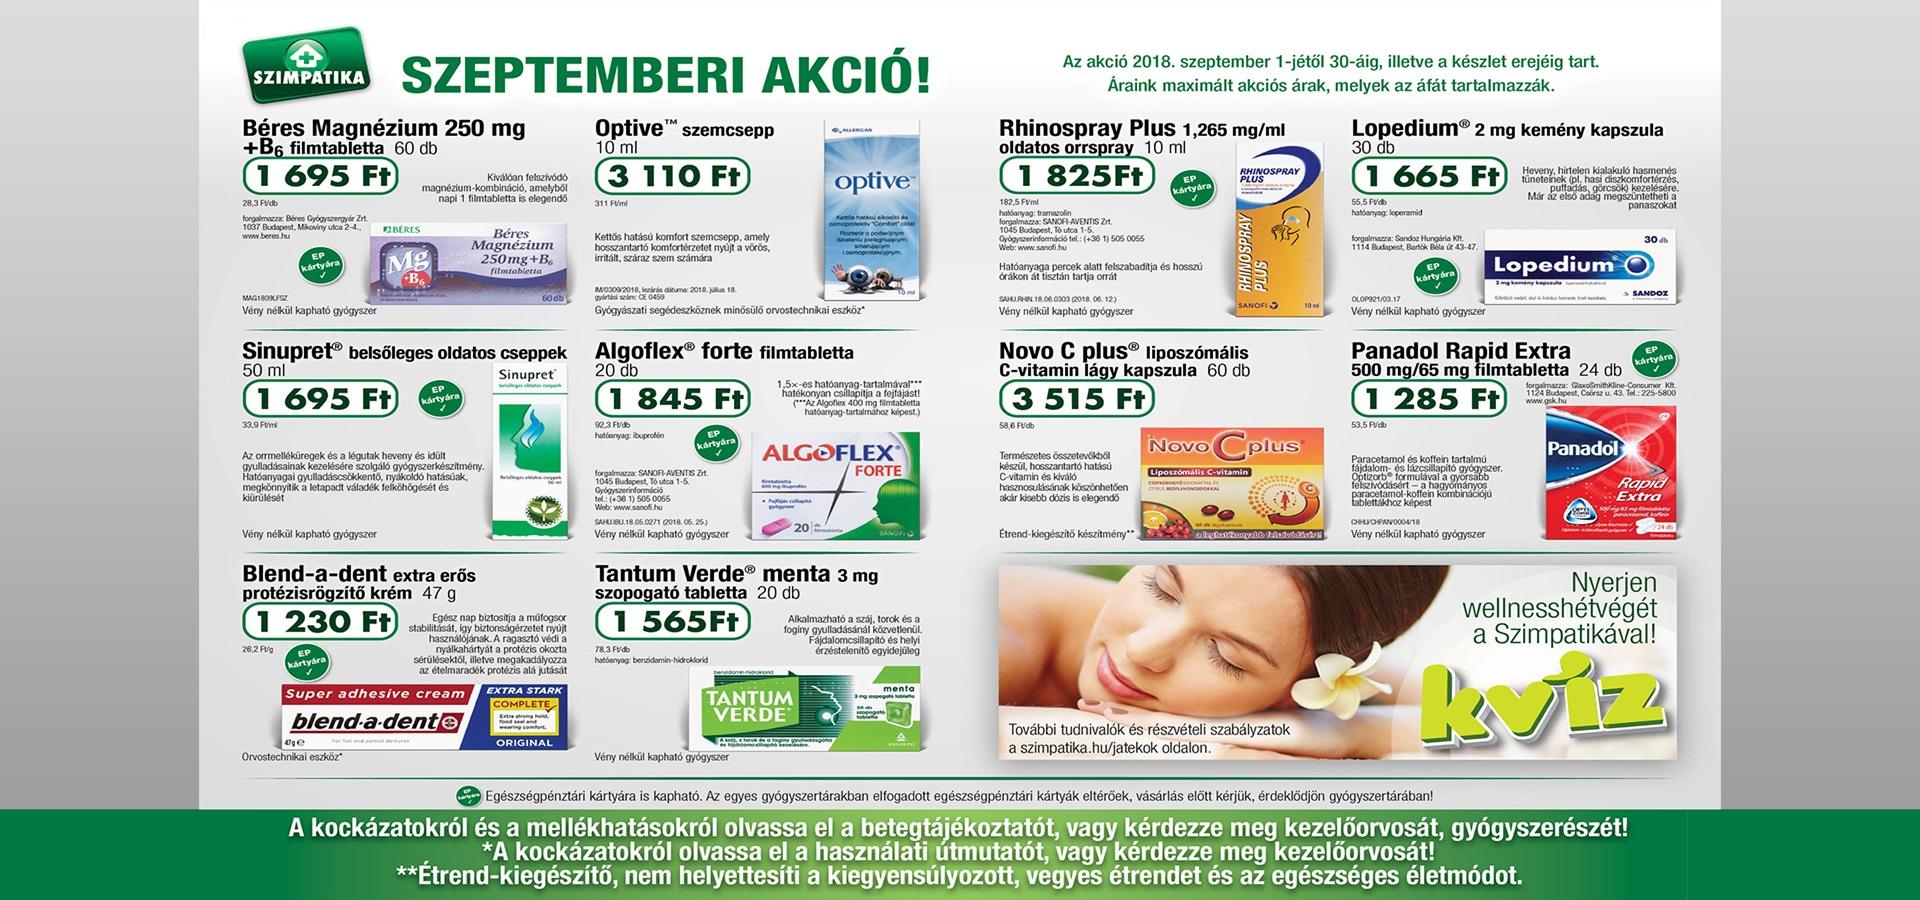 Indóház gyógyszertár - Szimpatika akció 1 - szeptember